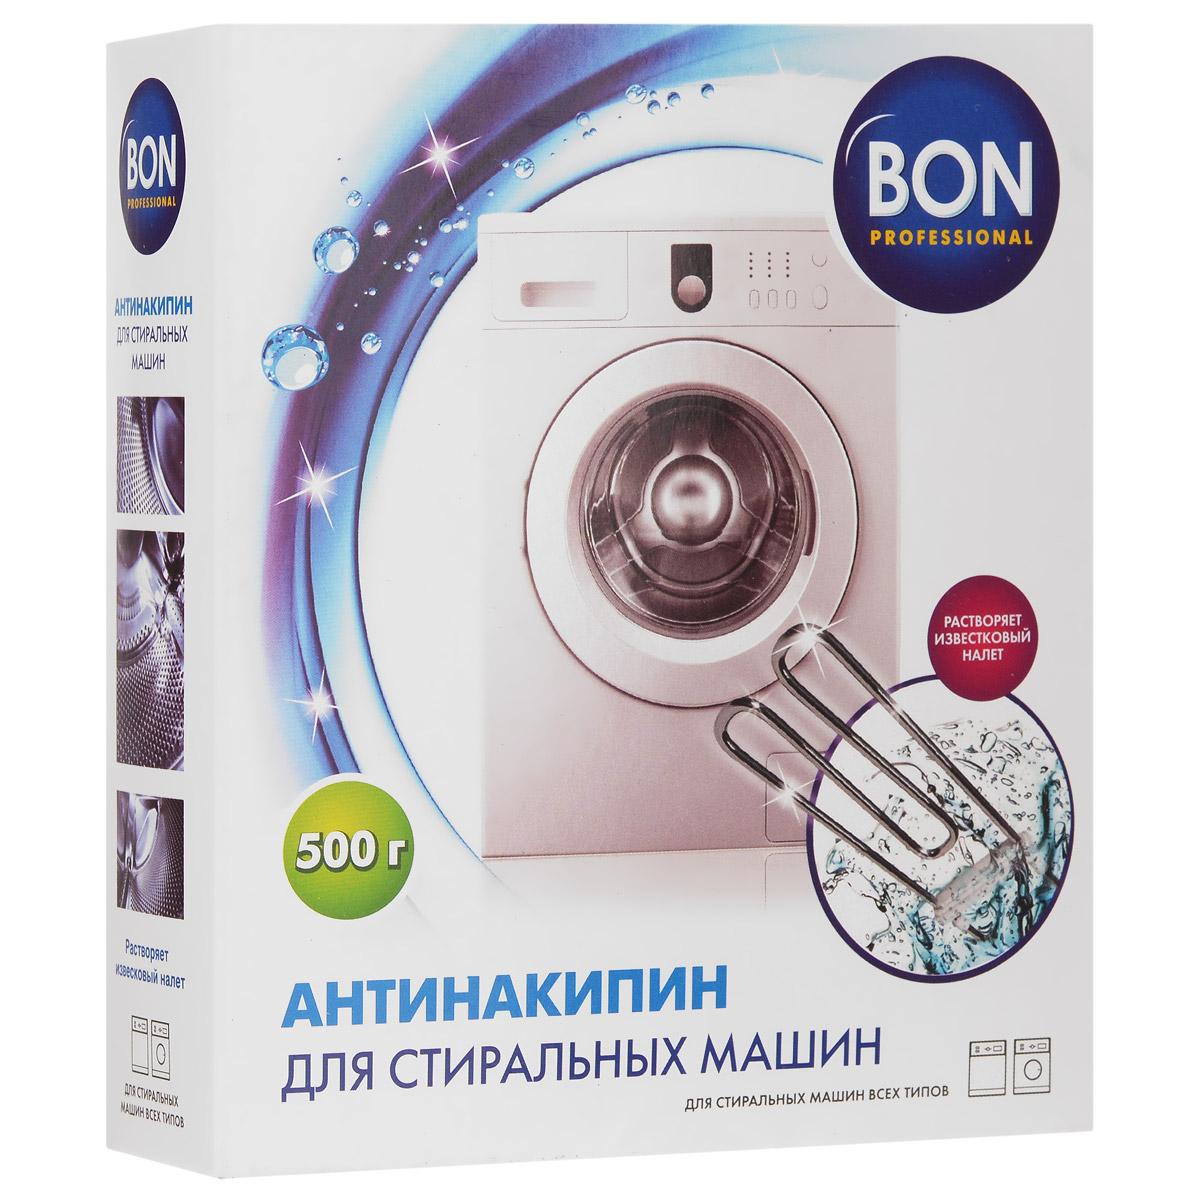 Средство против накипи для стиральных машин Bon, 500 г средство против накипи magic power для стиральных машин 500 мл